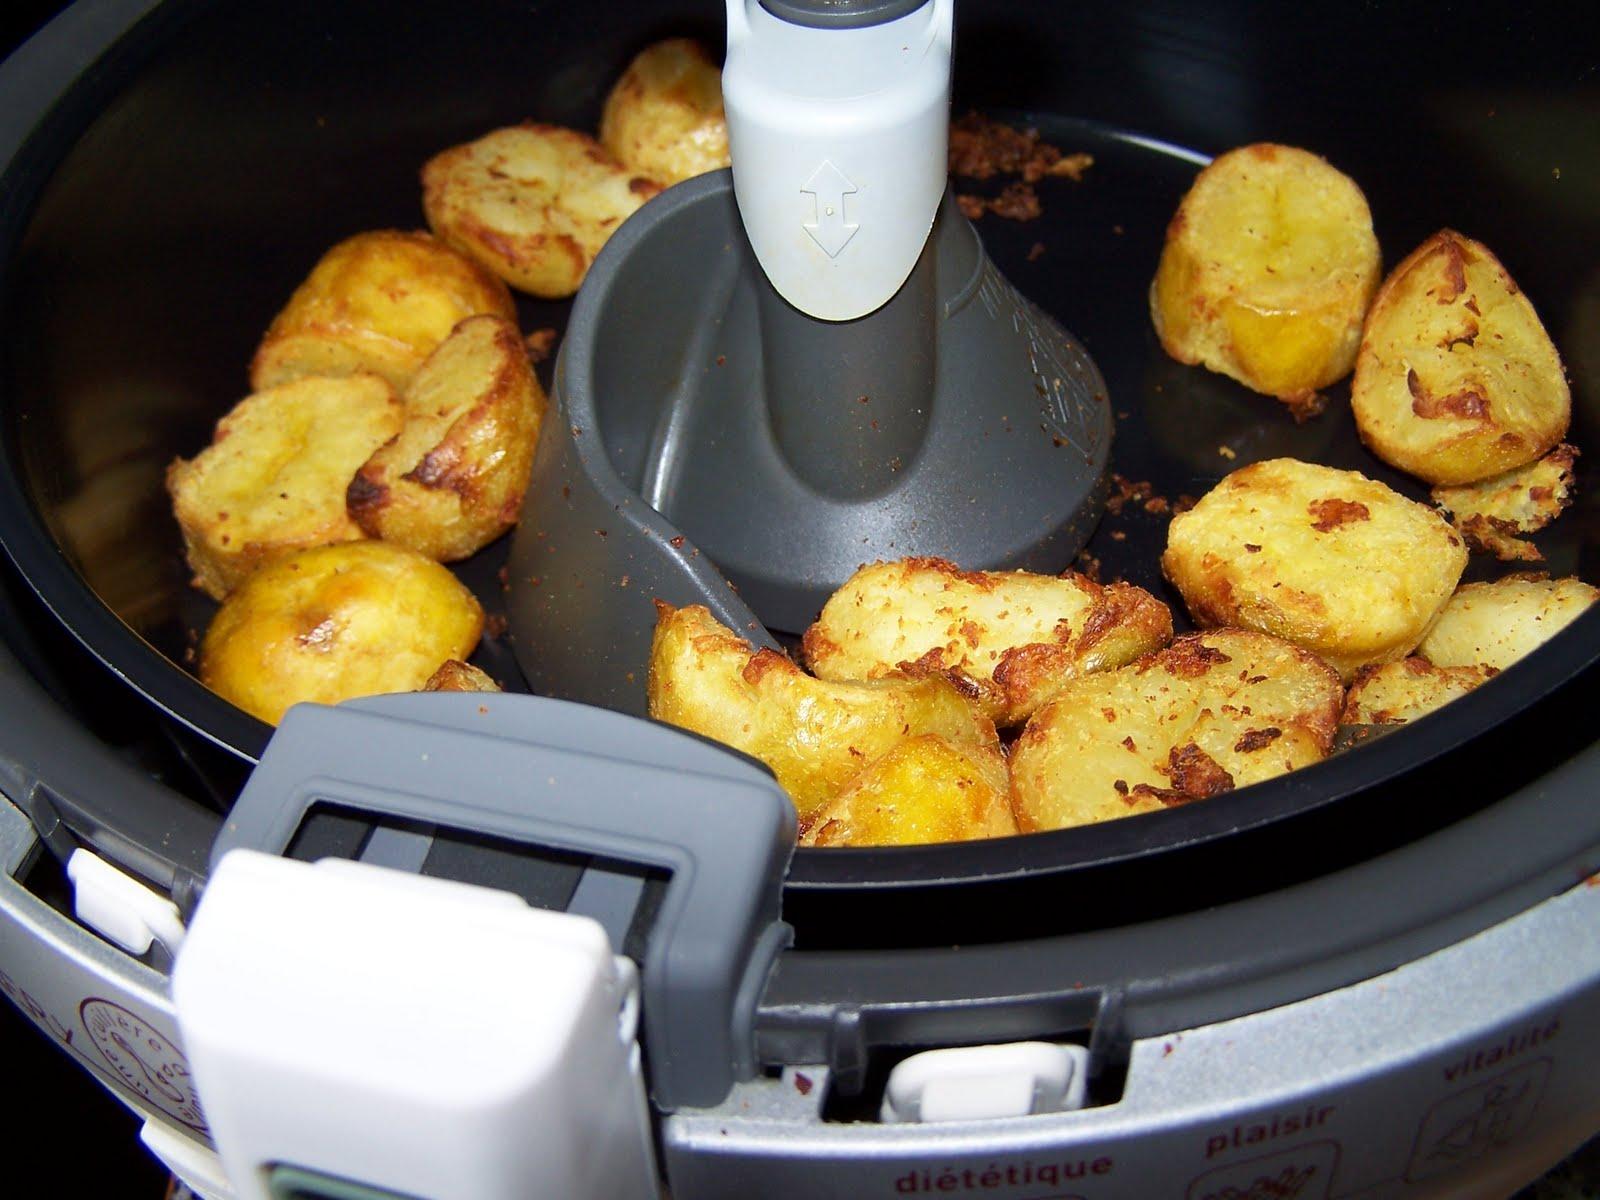 Les gourmandes astucieuses cuisine v g tarienne bio saine et gourmande faite maison pommes - Friteuse une cuillere d huile ...